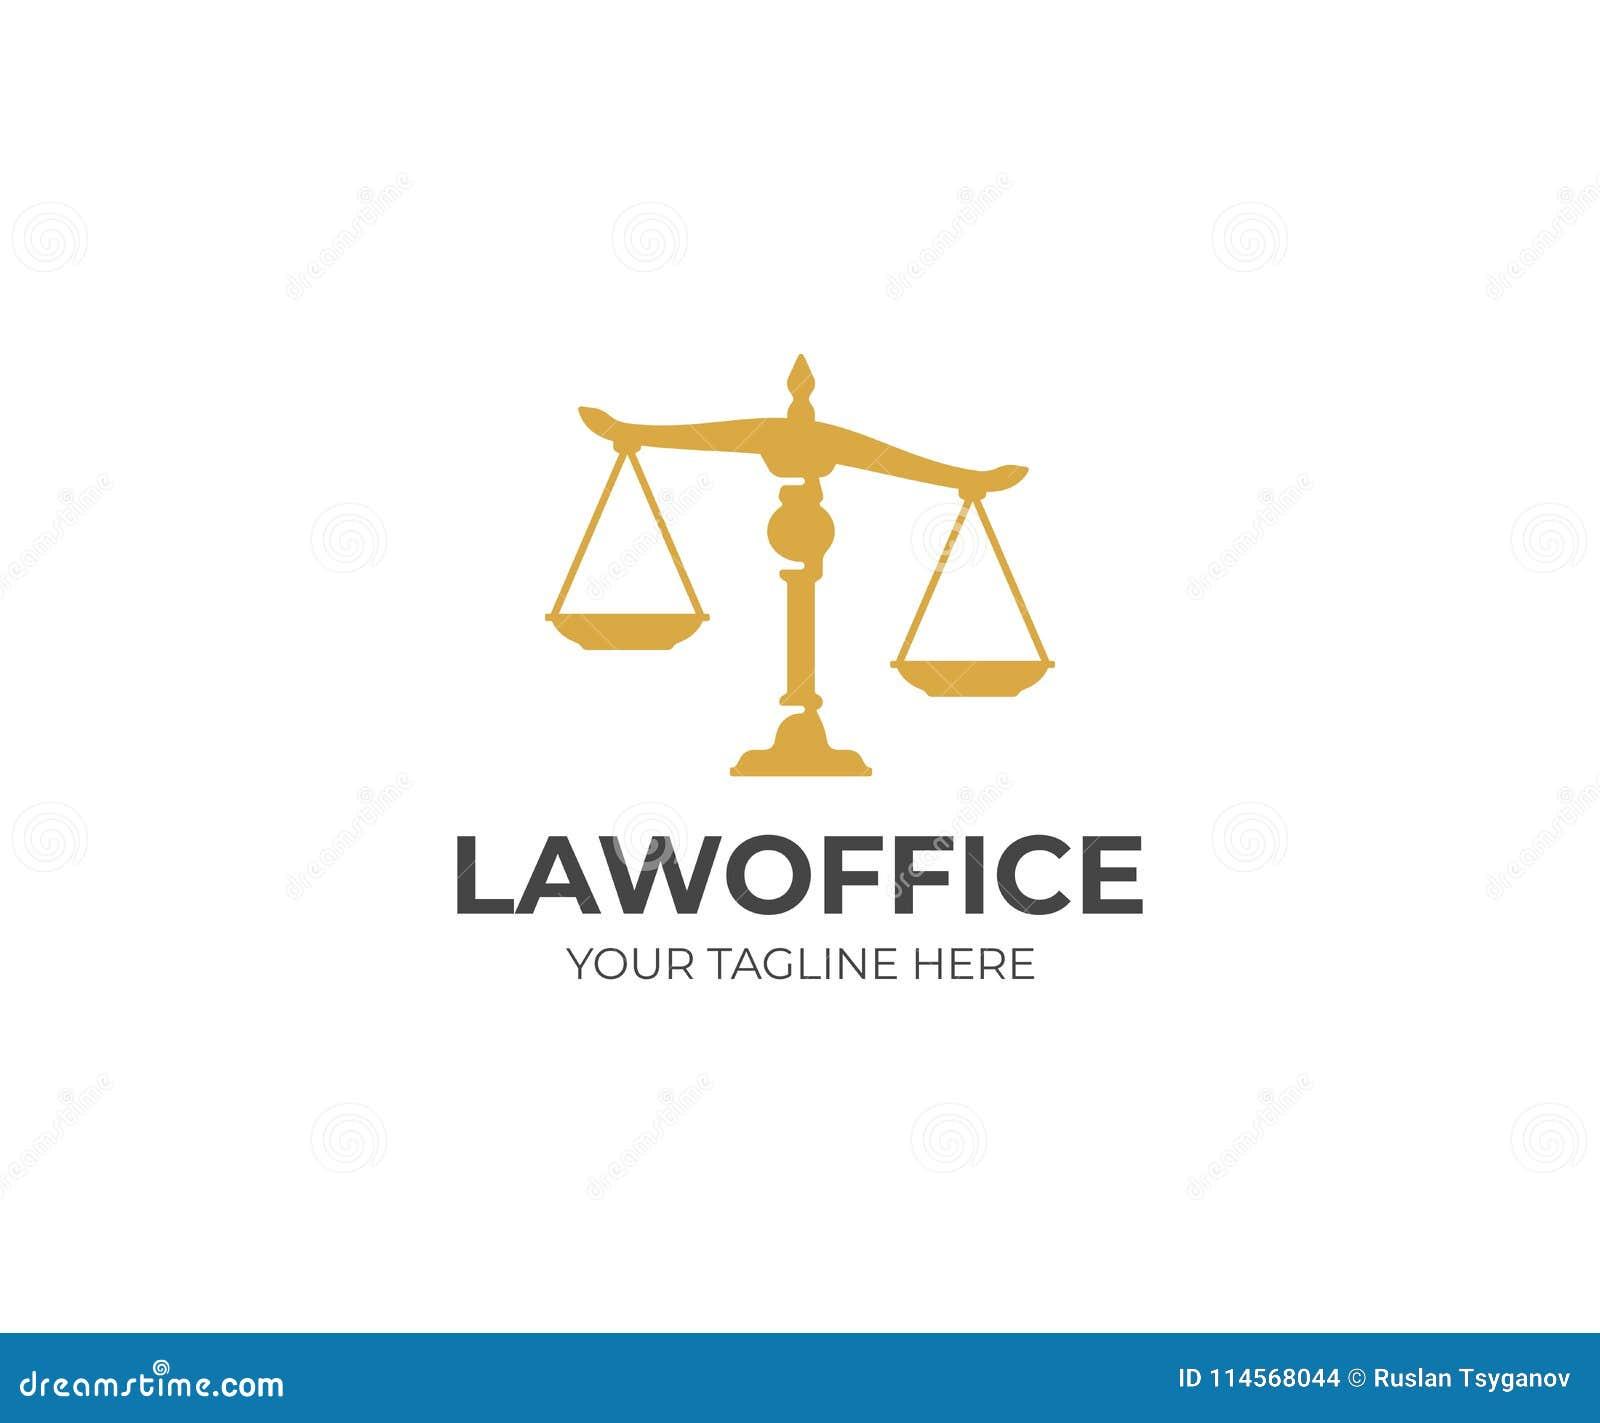 Modello Di Logo Della Bilancia Della Giustizia La Legge Riporta In